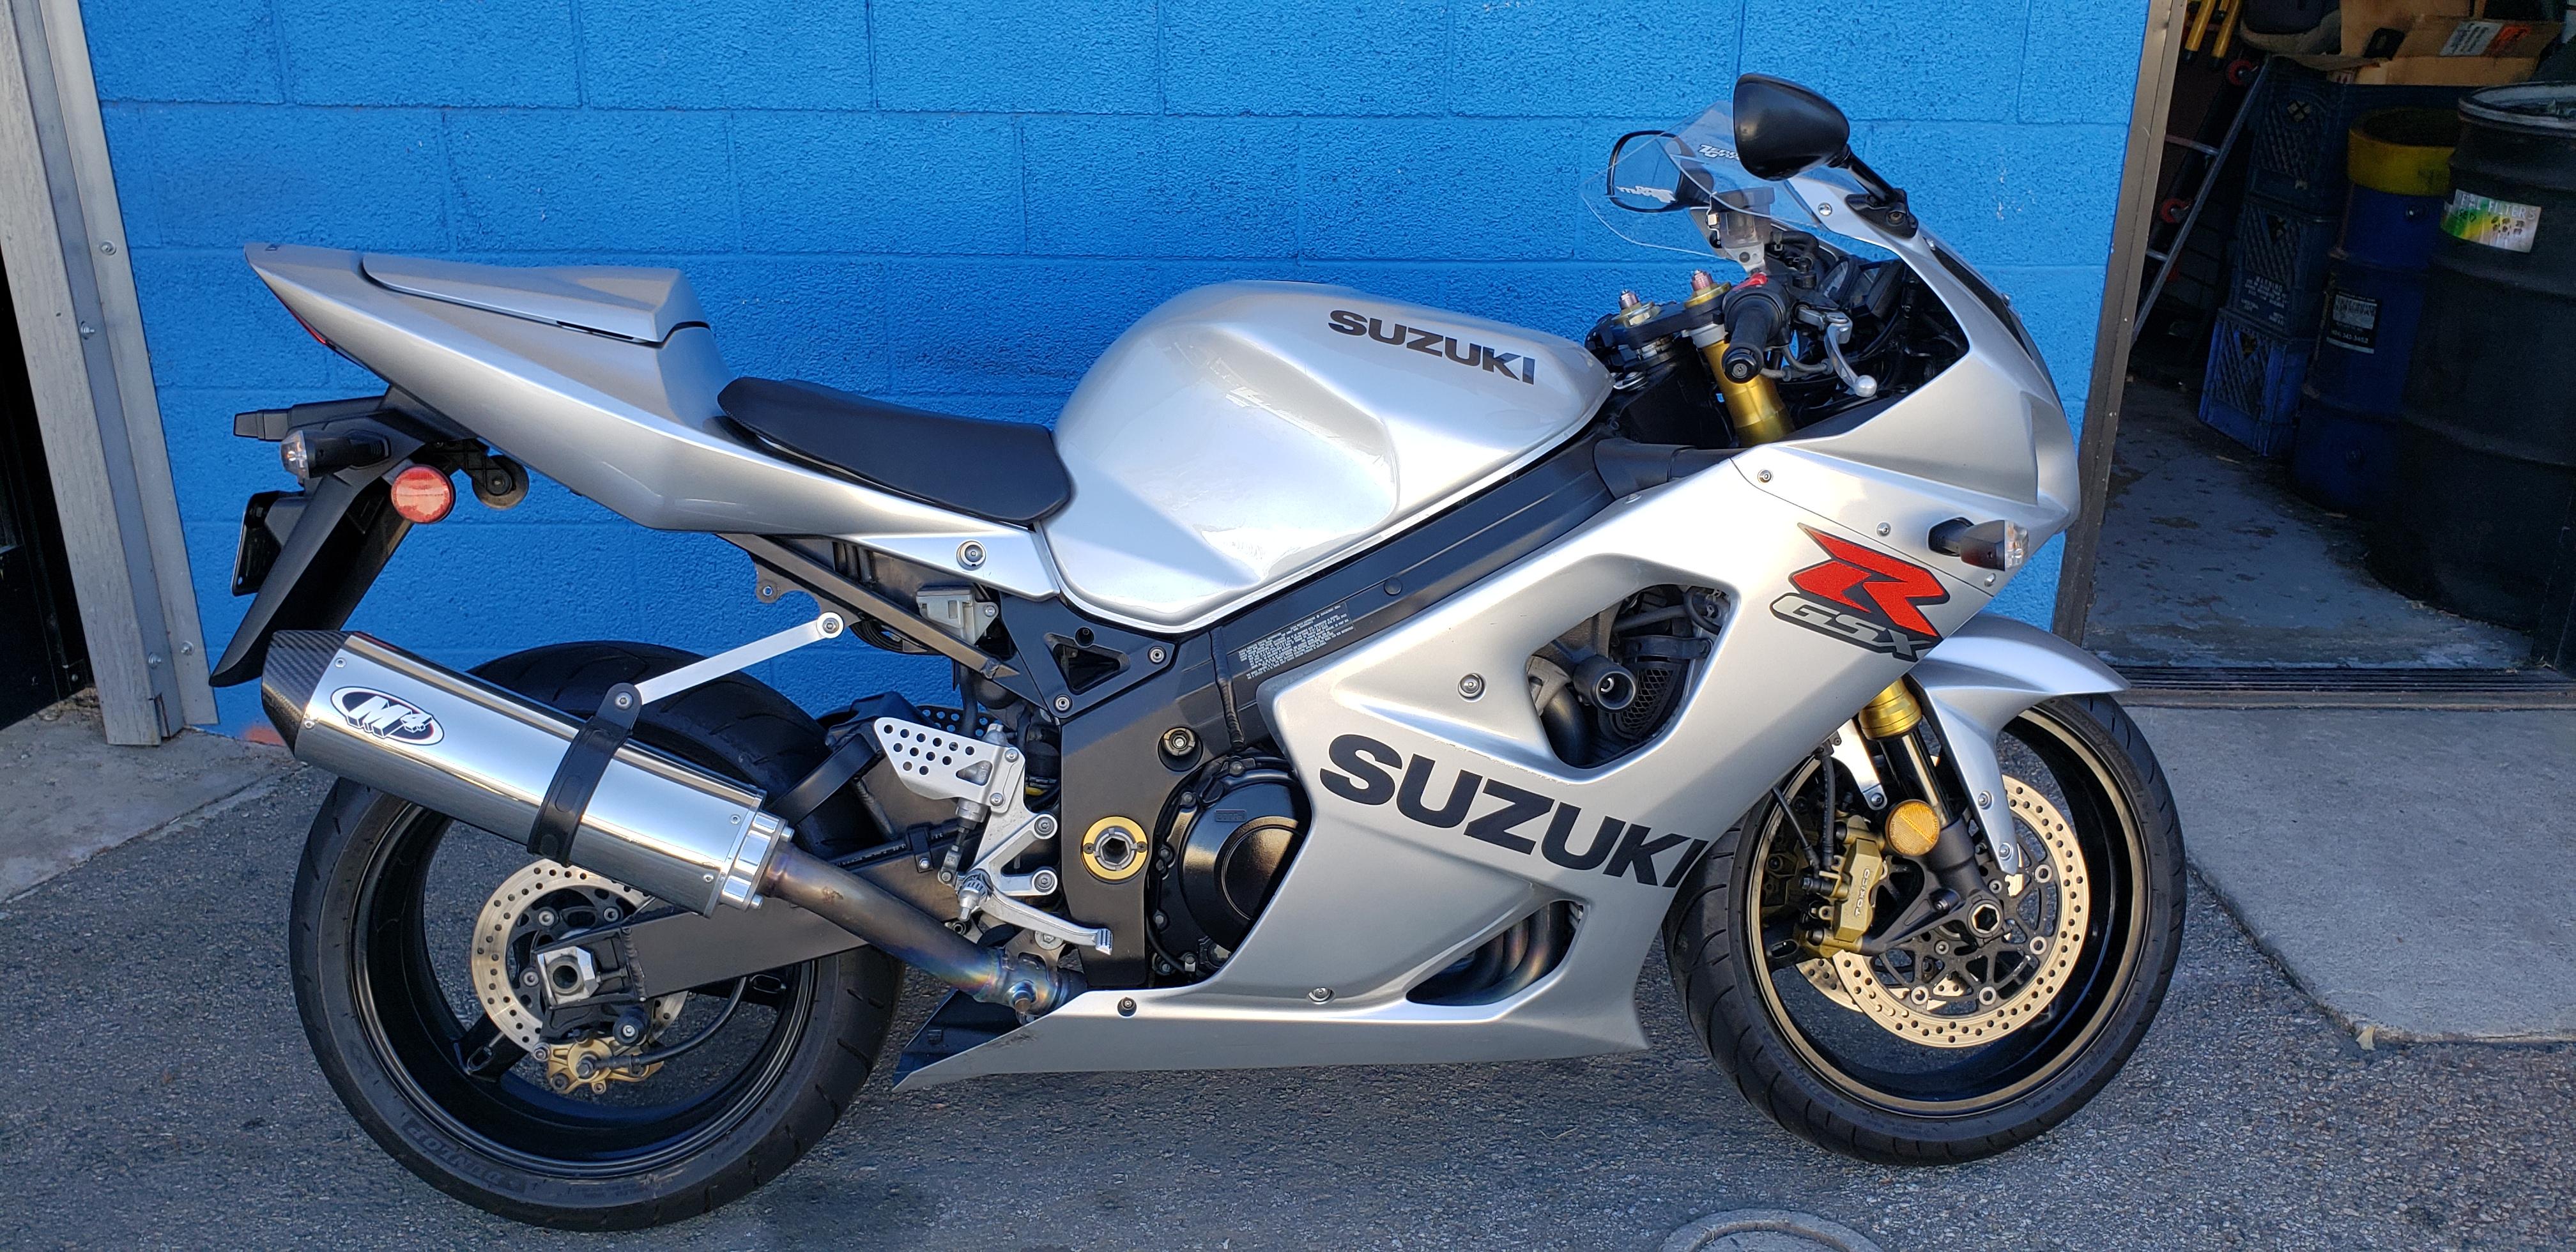 2003 Suzuki GSXR1000